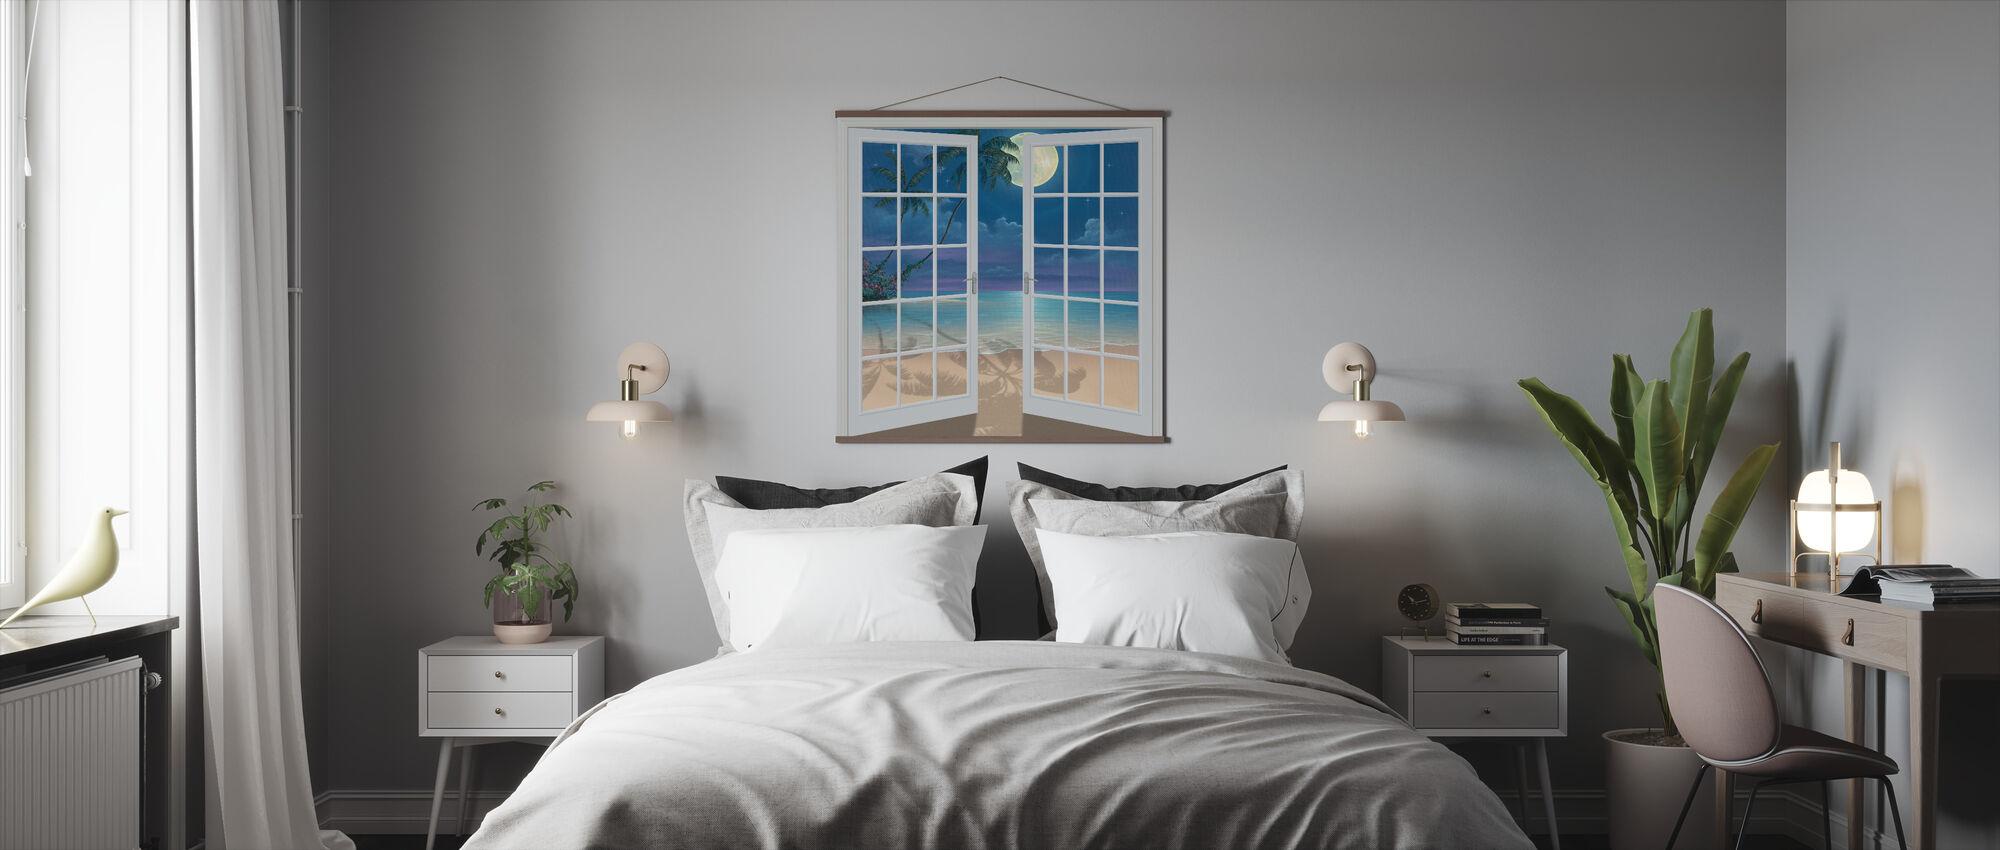 Maan Schaduwen - Poster - Slaapkamer